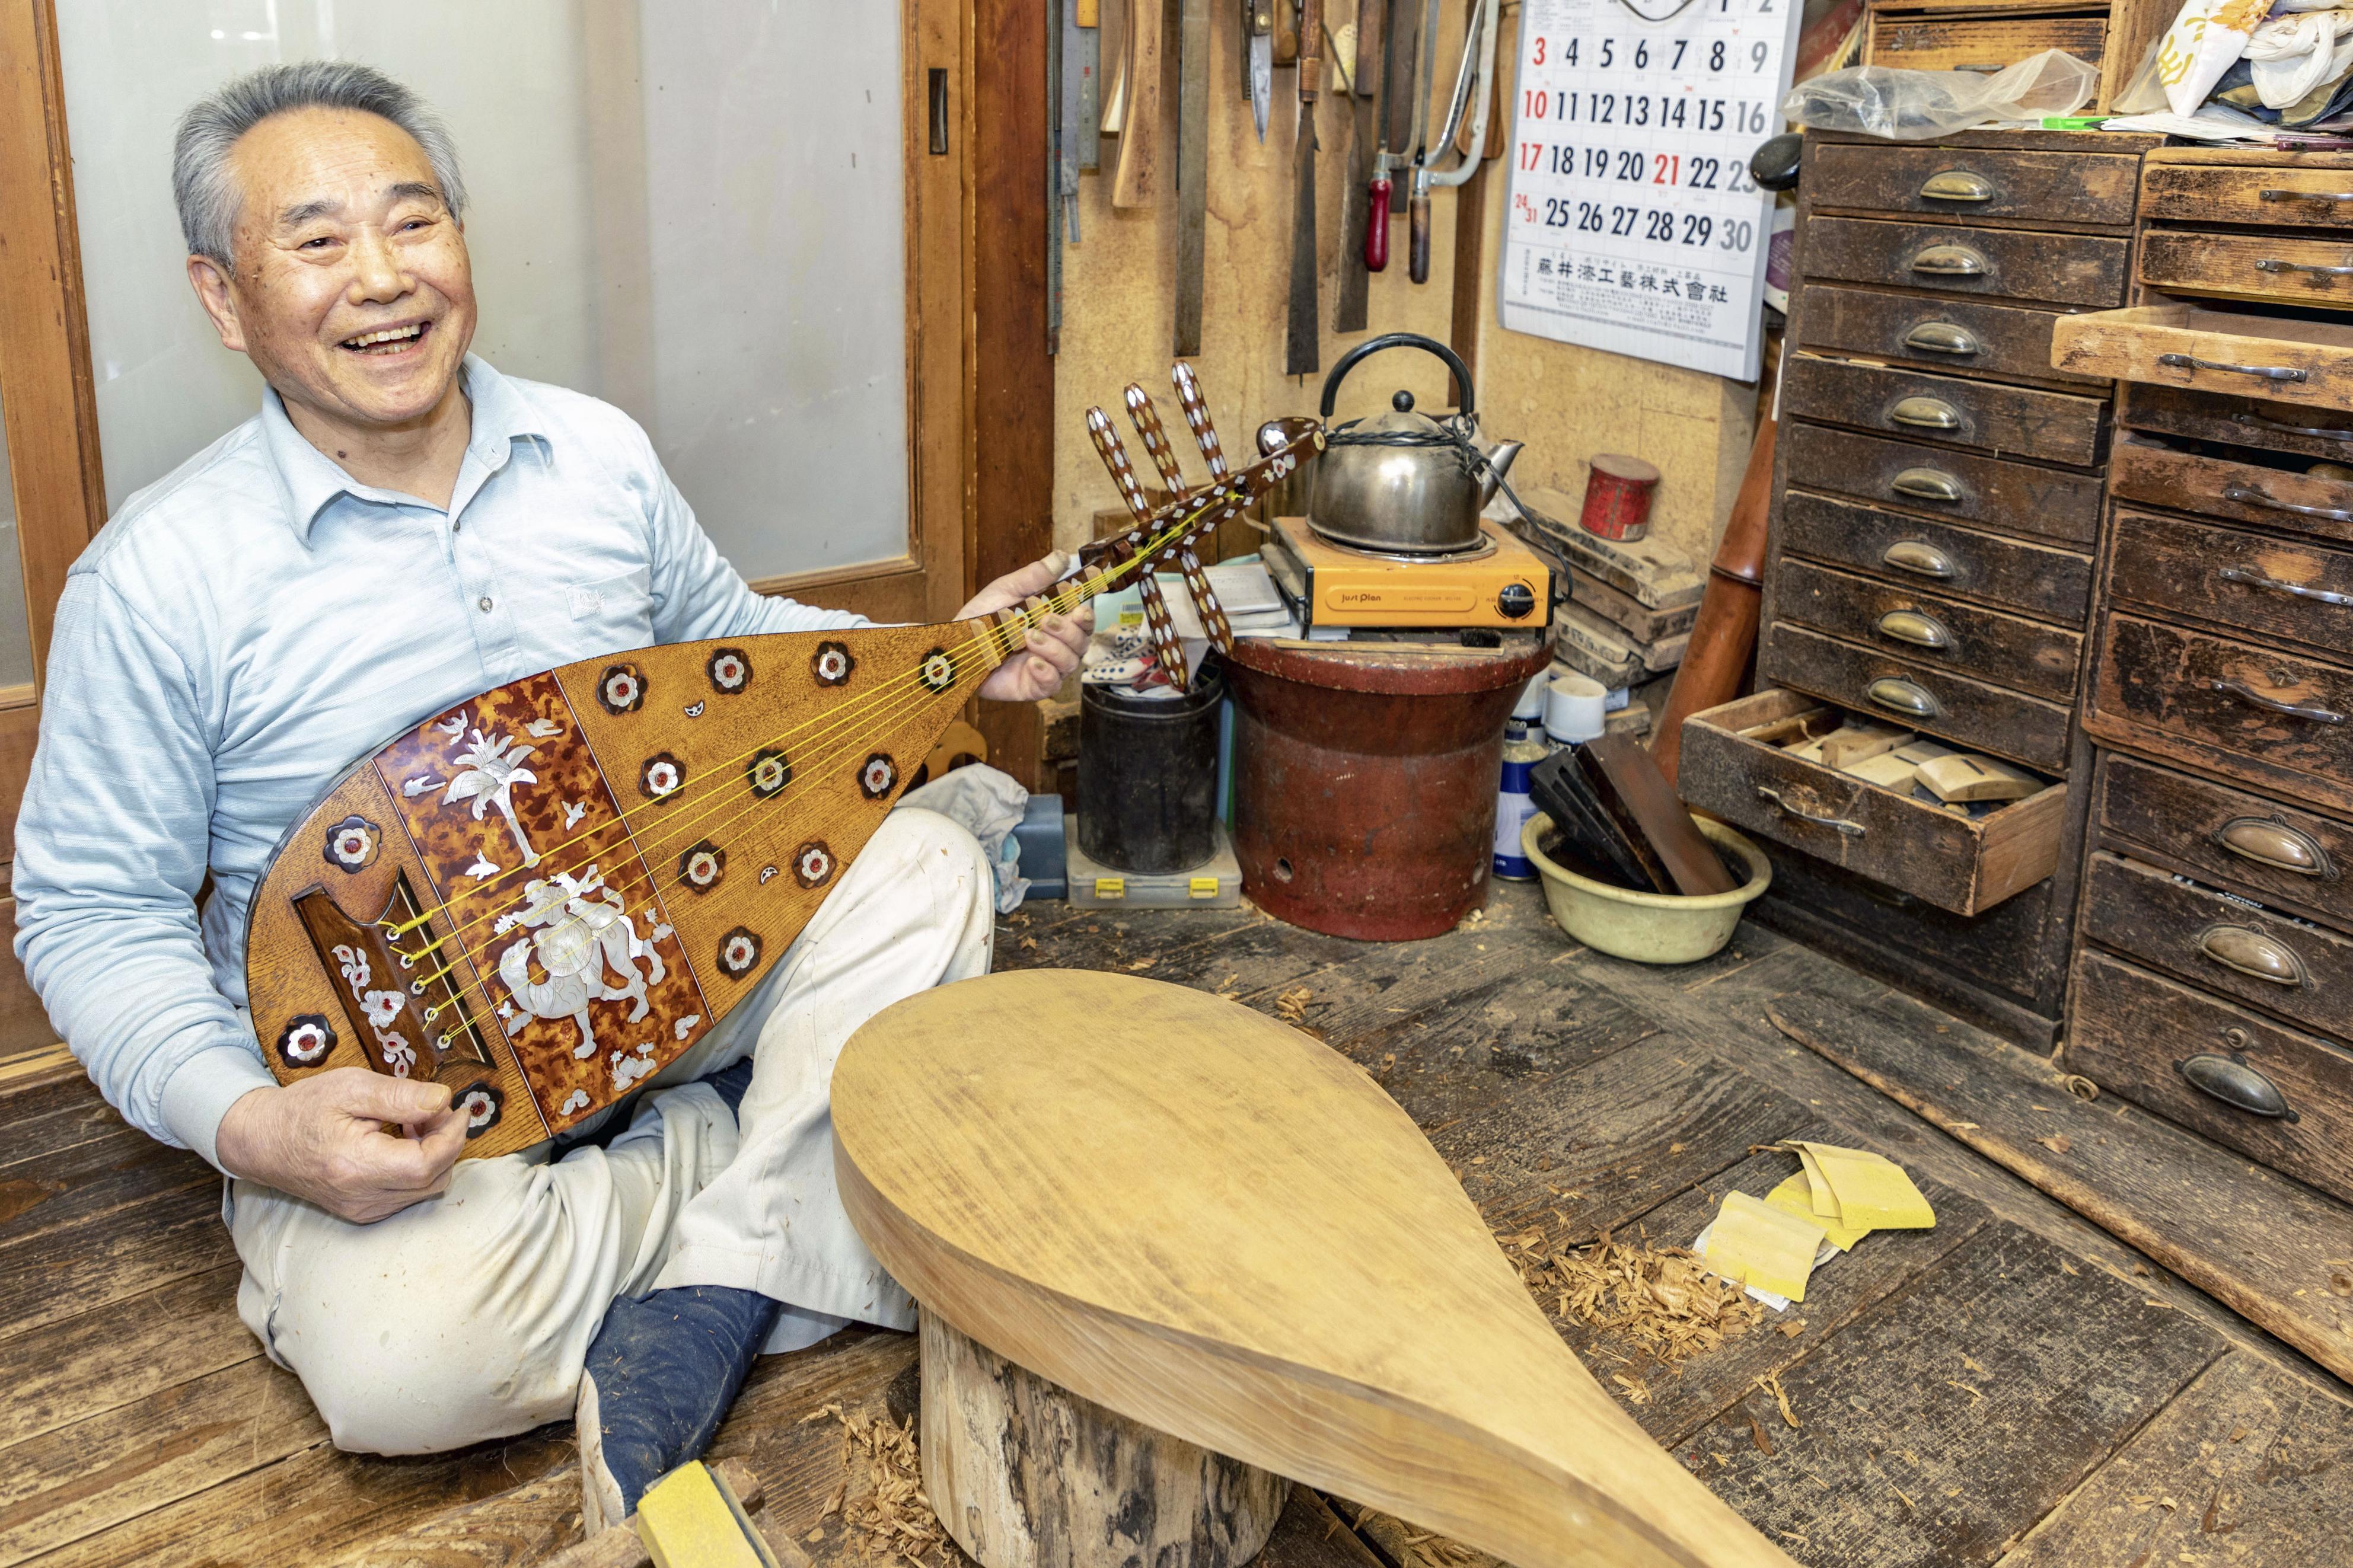 年期の入った仕事場で、正倉院宝物を模して製作した琵琶を手に笑顔の四世石田不識。螺鈿などの技法を使い美しく装飾されている=東京・虎ノ門